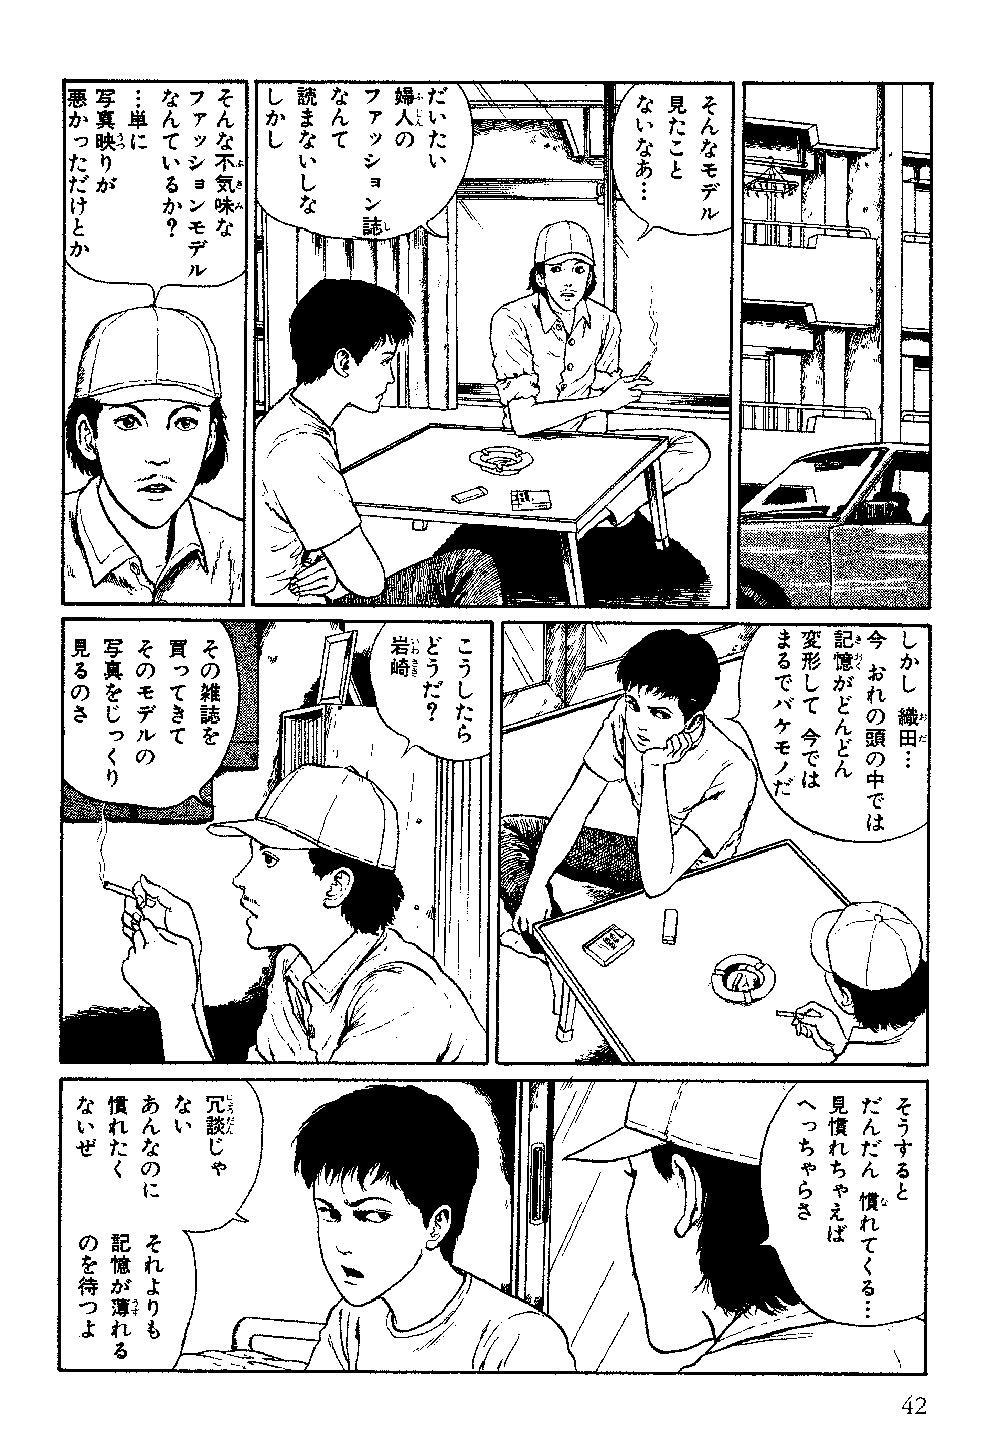 itouj_0006_0044.jpg